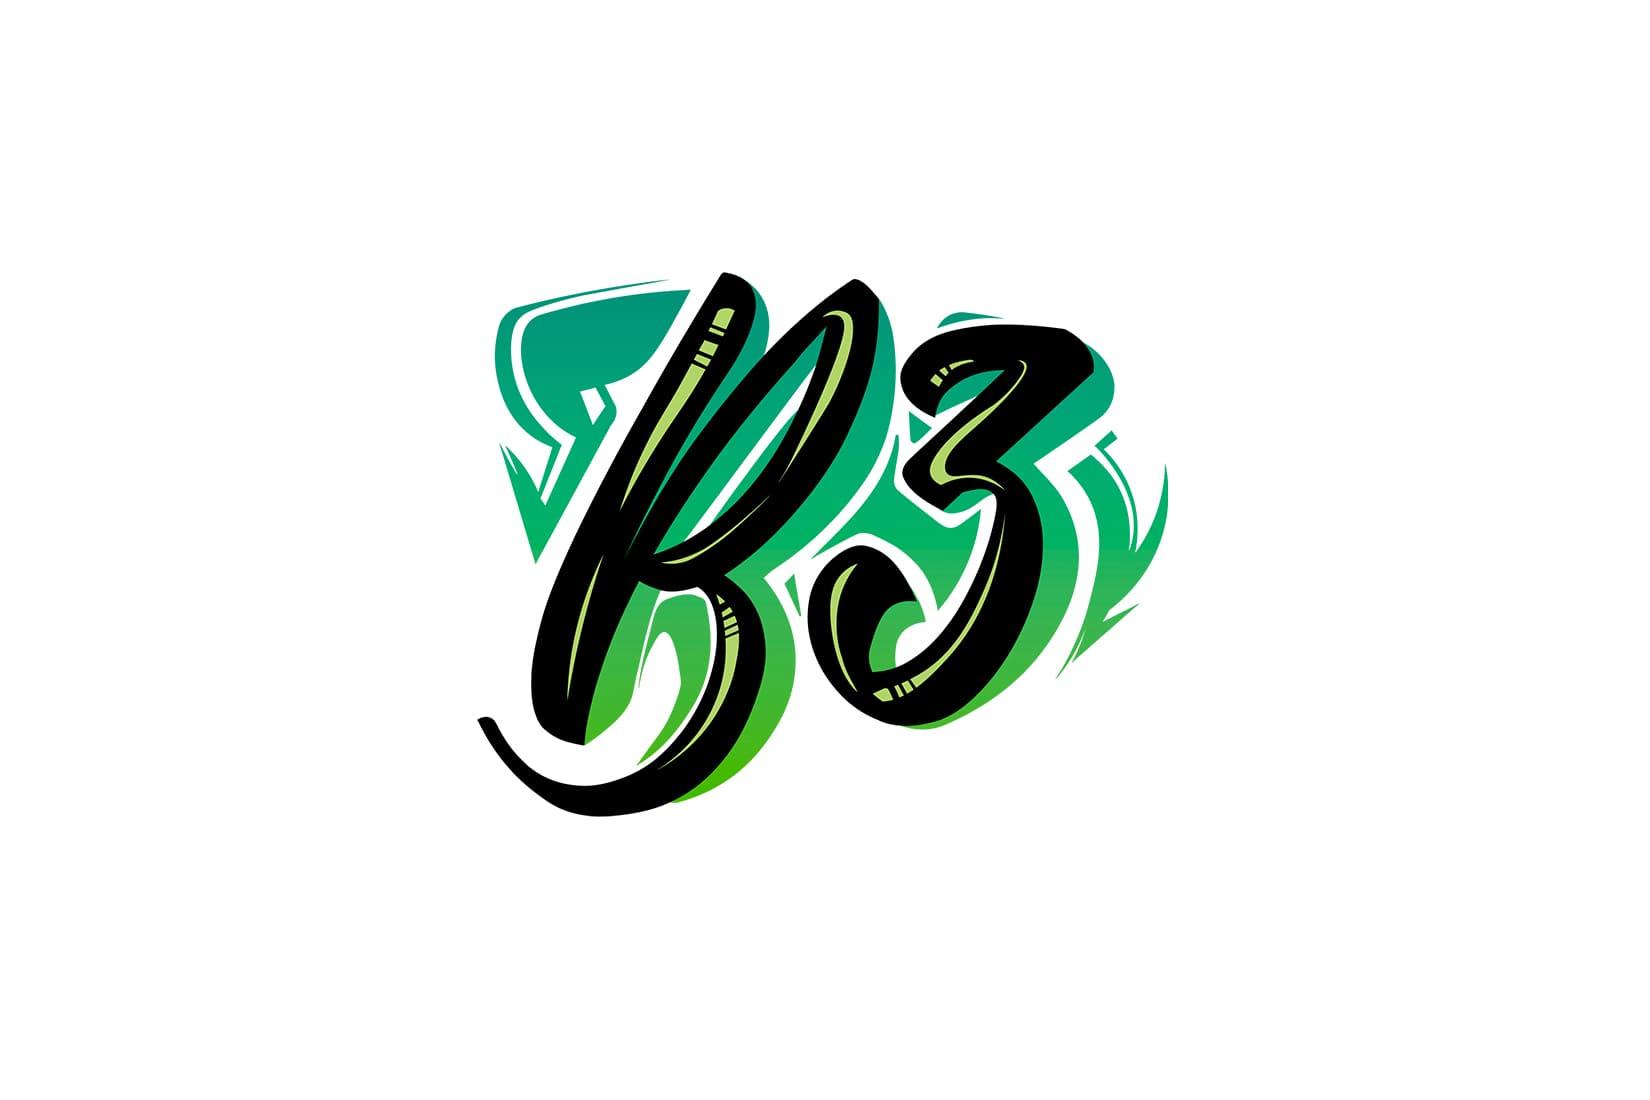 Табак для кальяна B3: описание, вкусы, миксы, отзывы